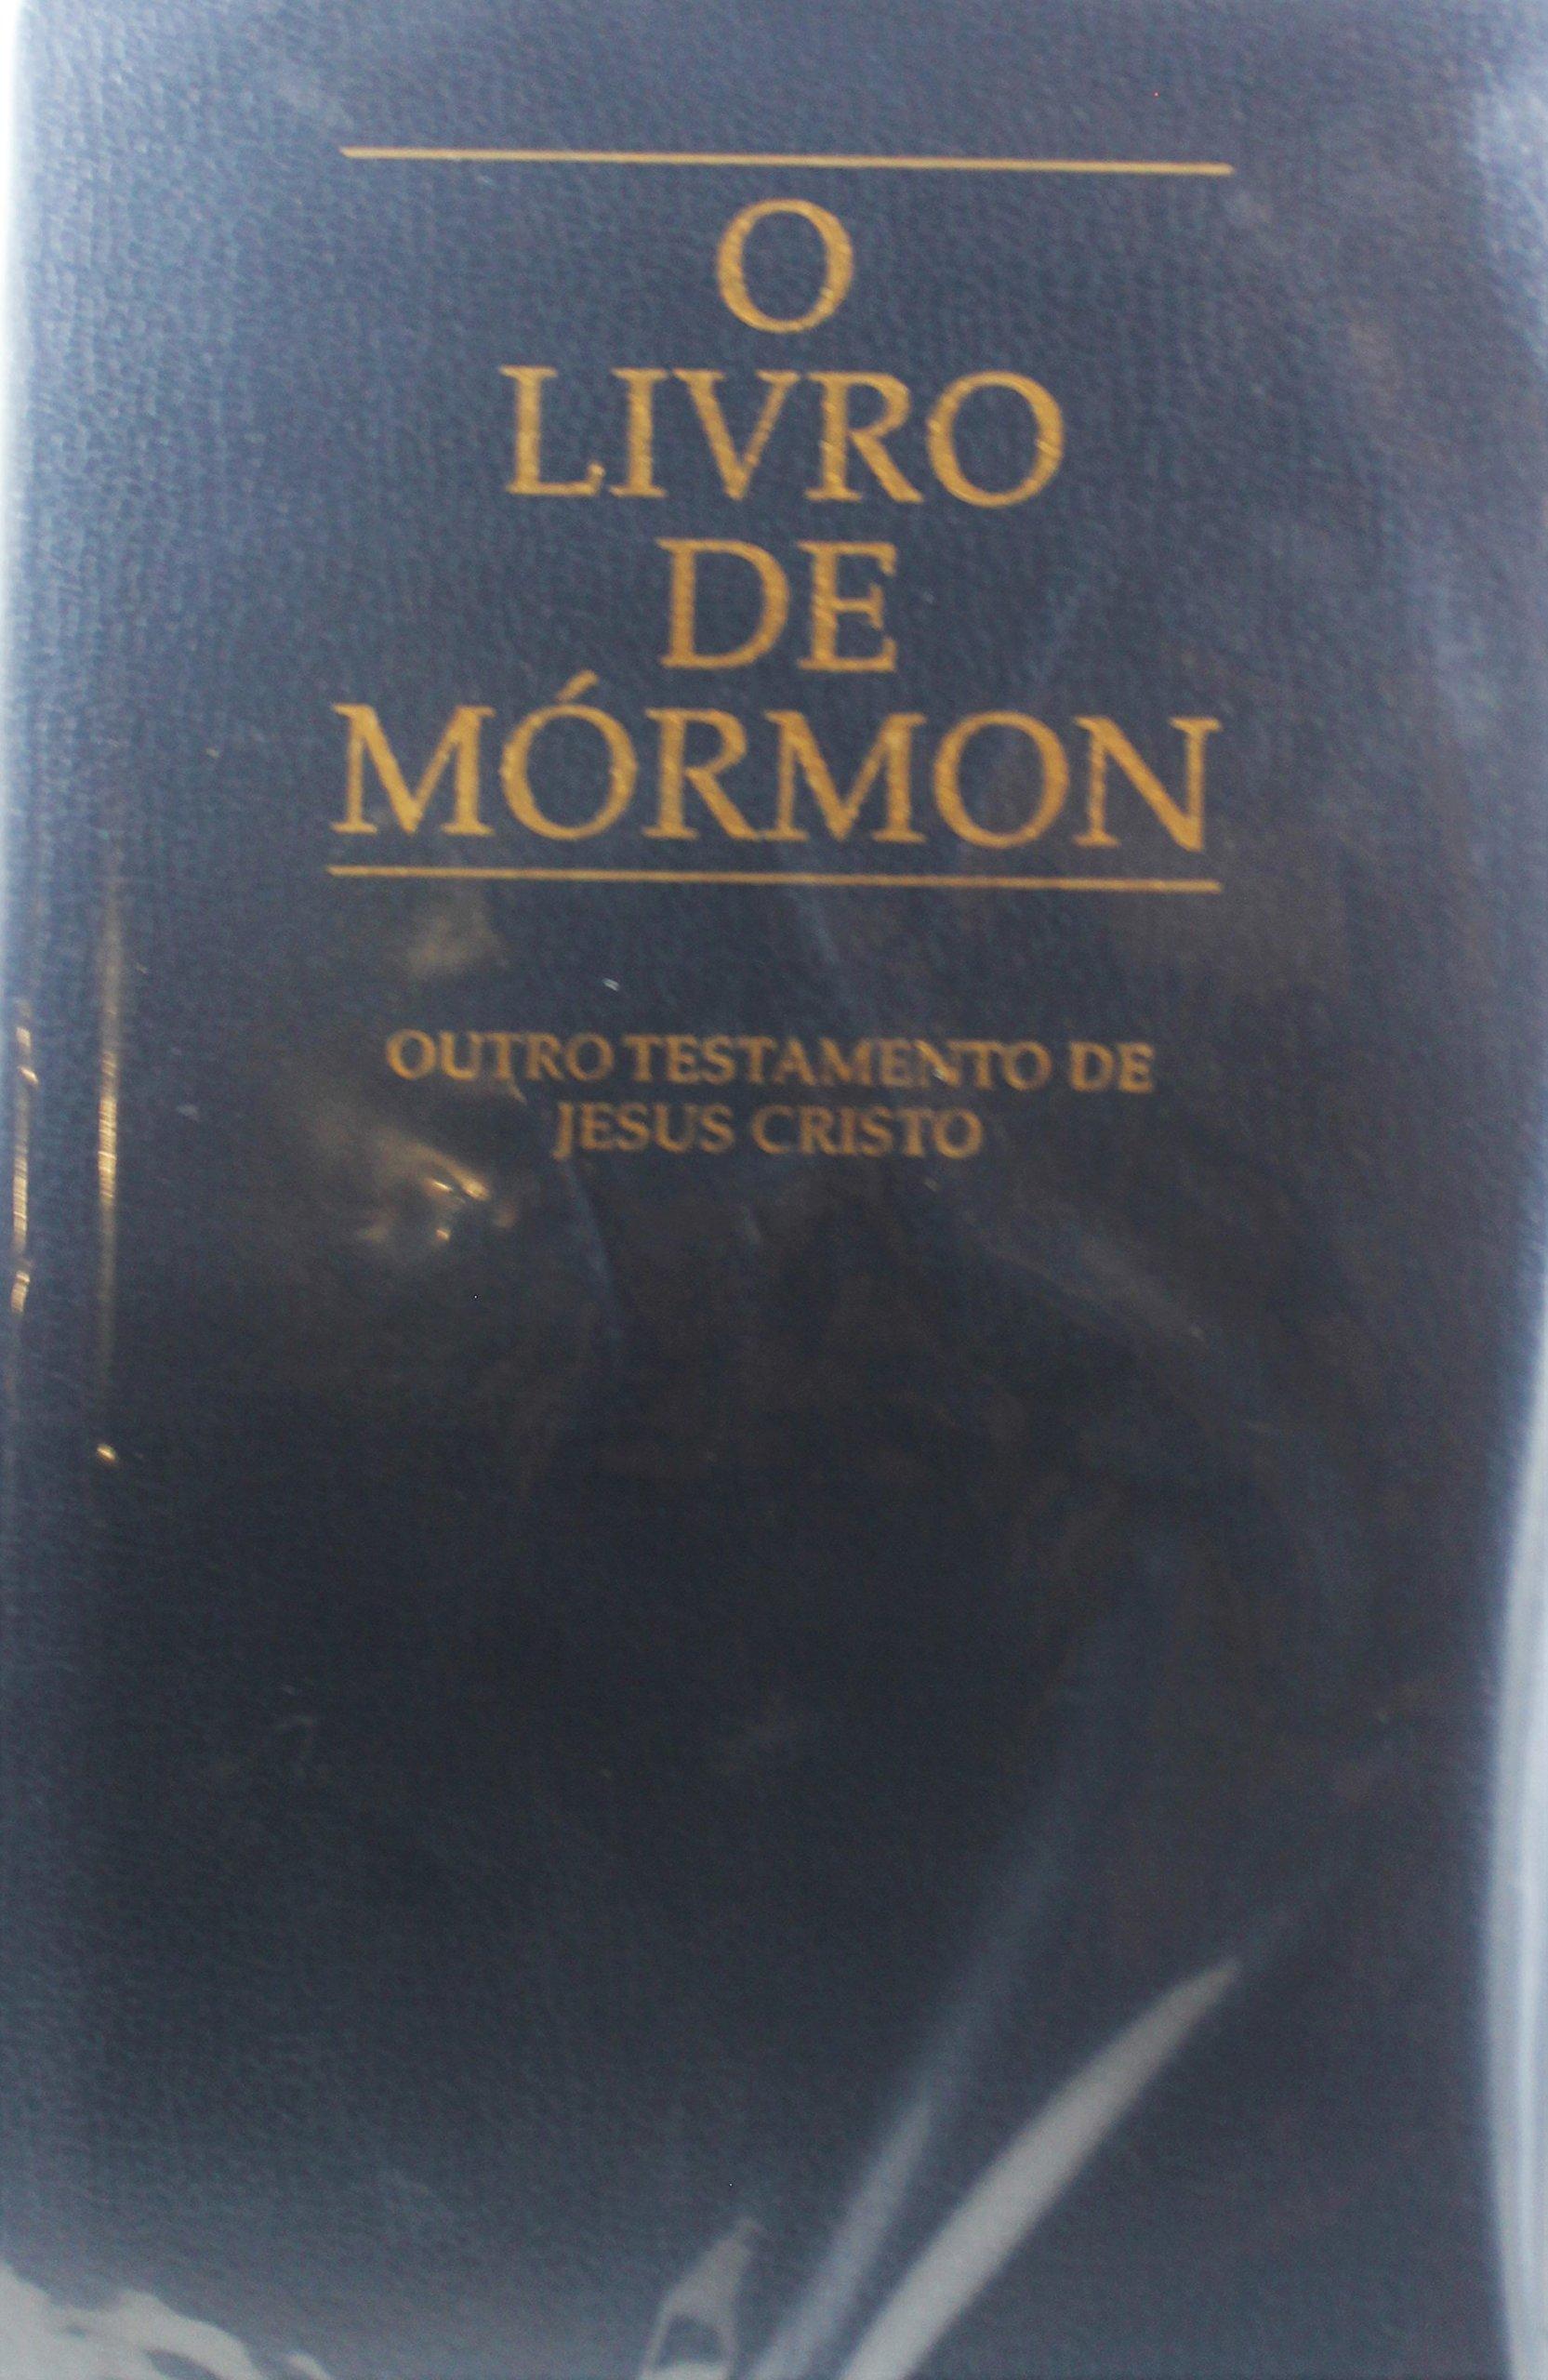 o livro de mormon audio